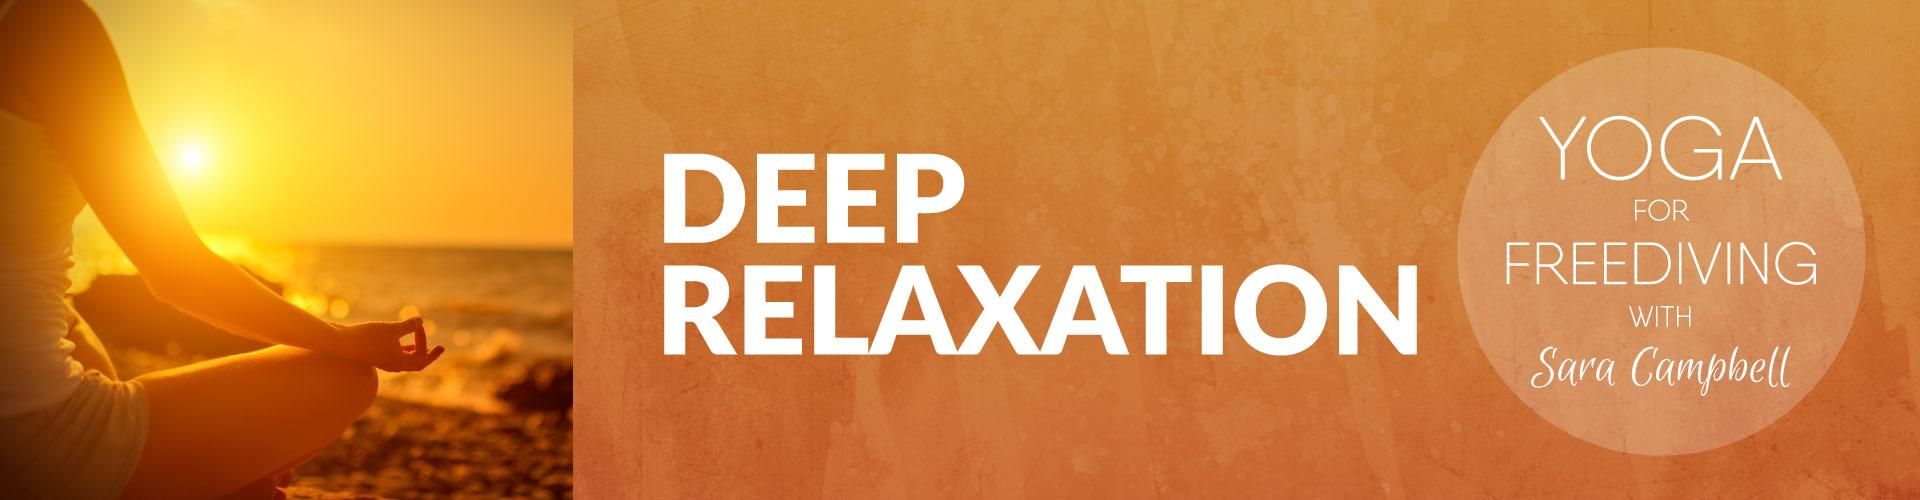 Deep Relaxation - Banner - 1920x500.jpg